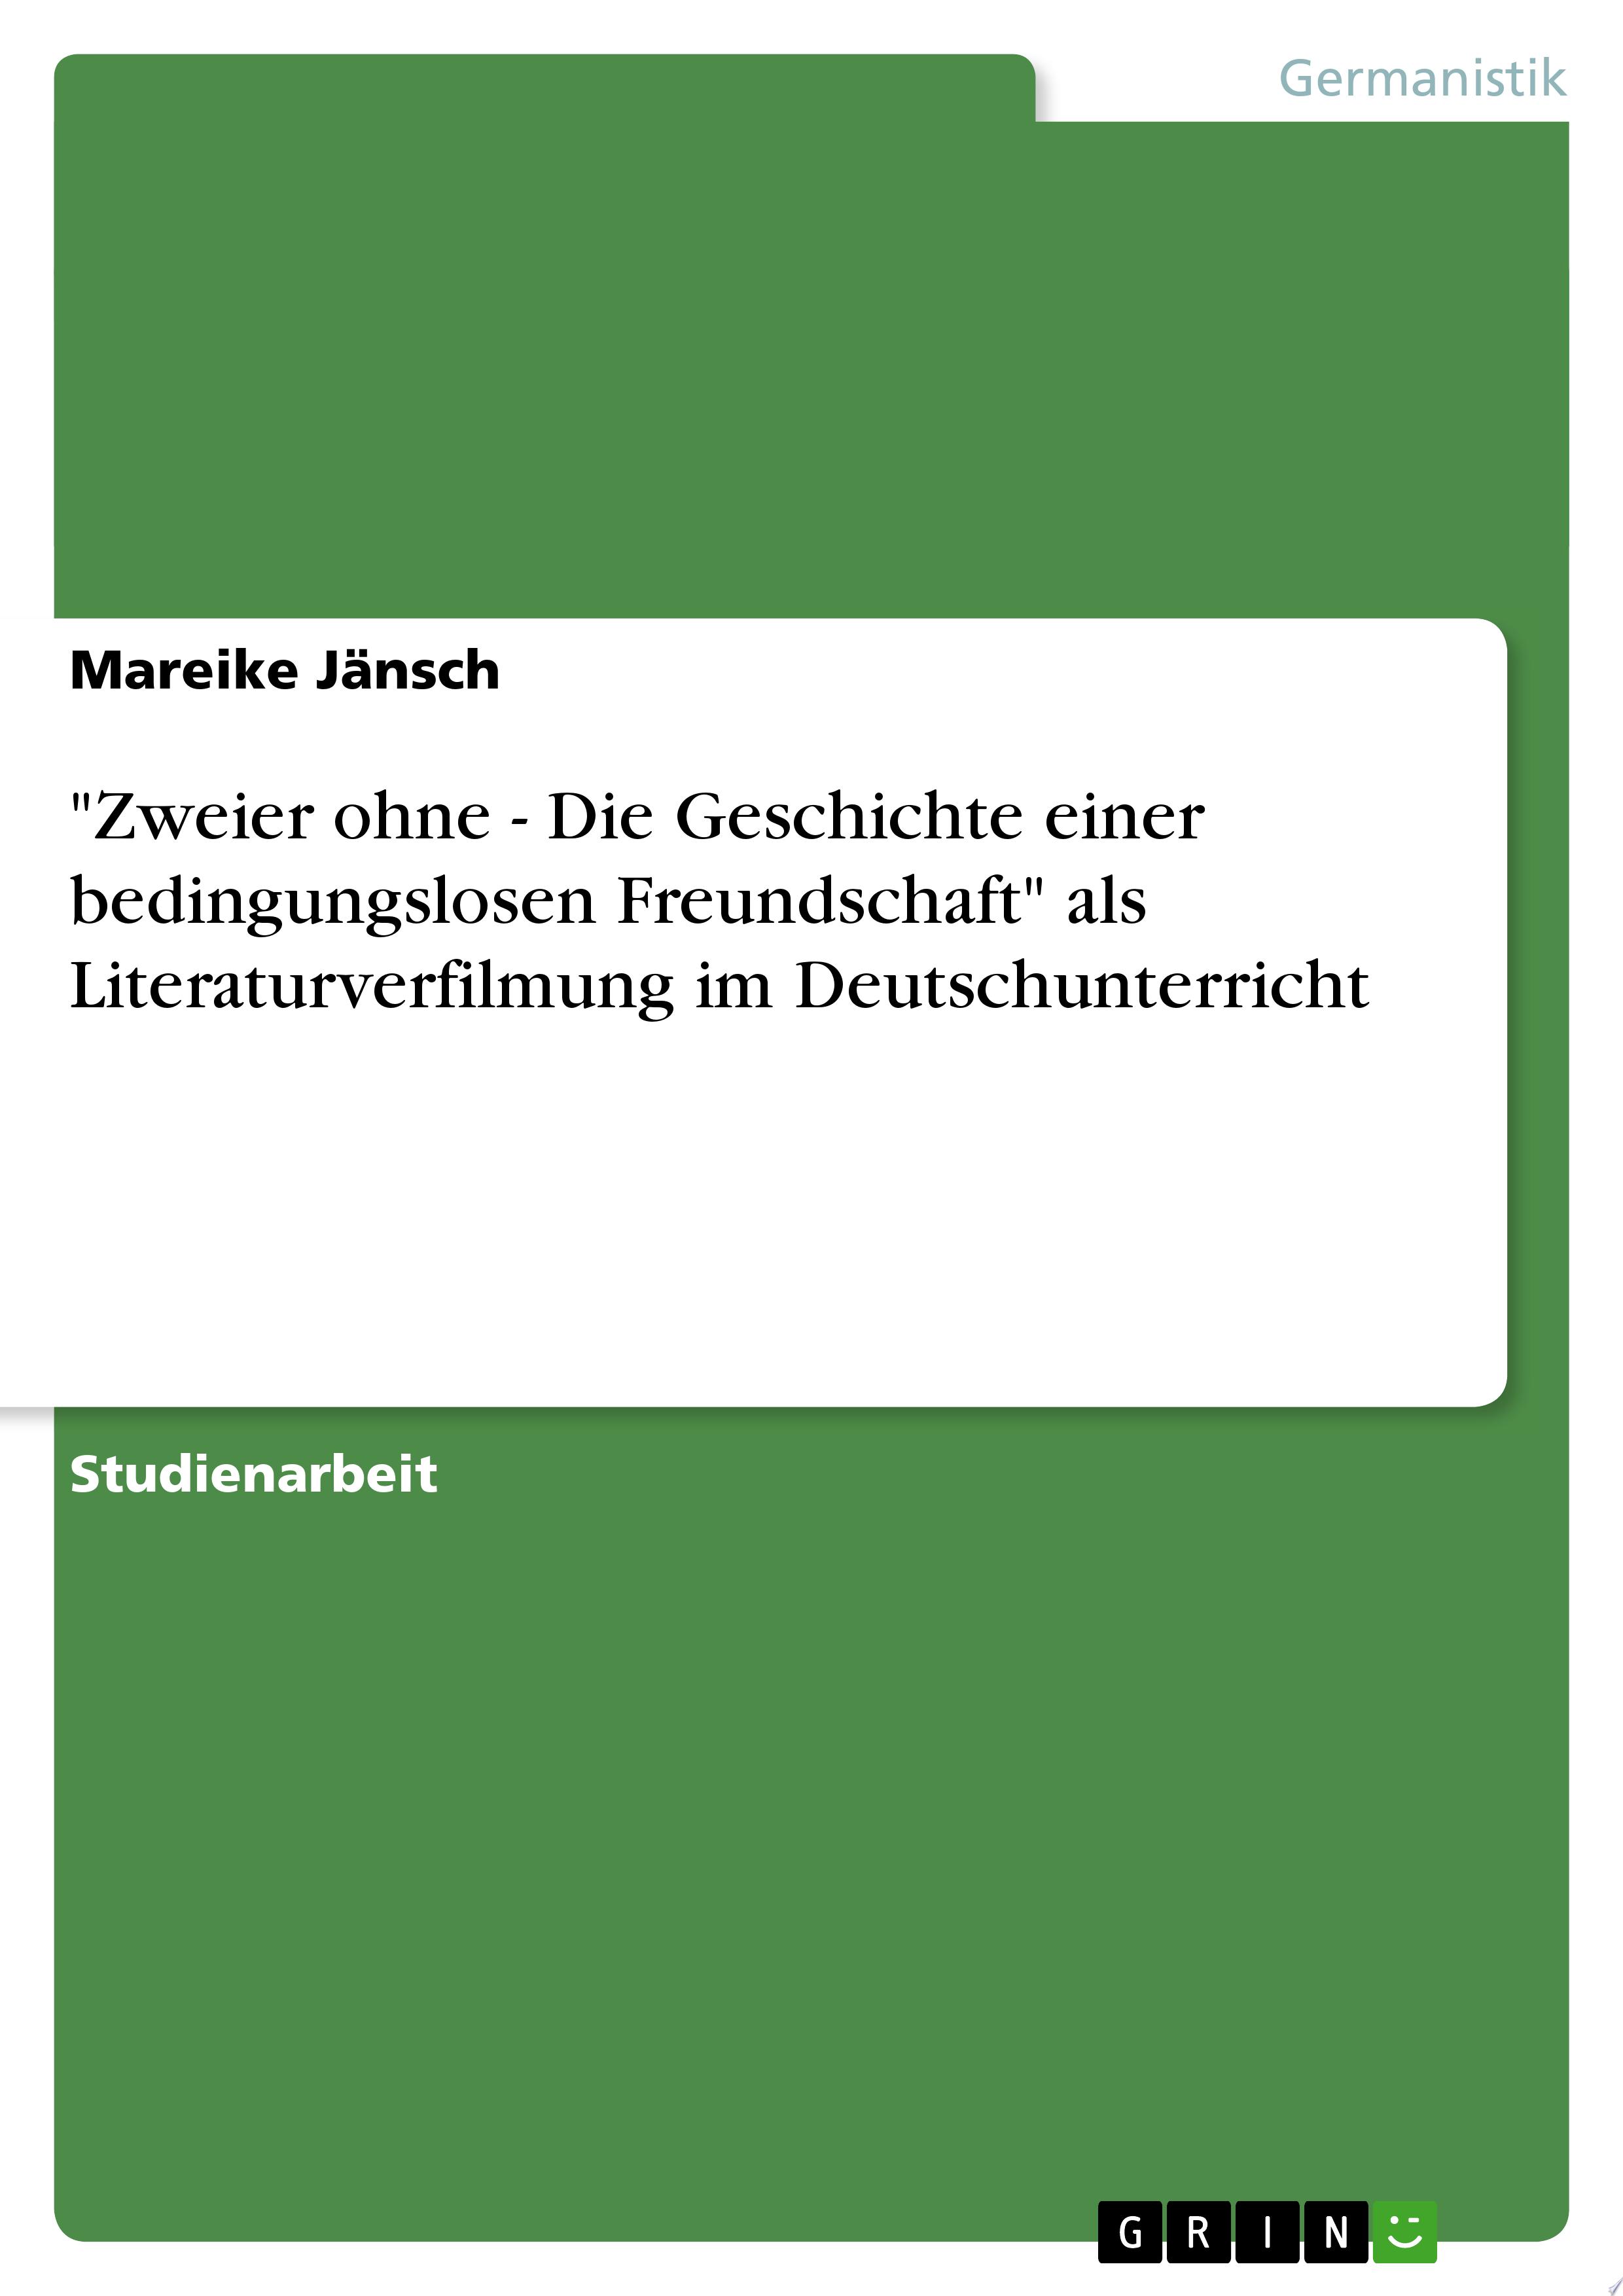 Zweier ohne   Die Geschichte einer bedingungslosen Freundschaft  als Literaturverfilmung im Deutschunterricht